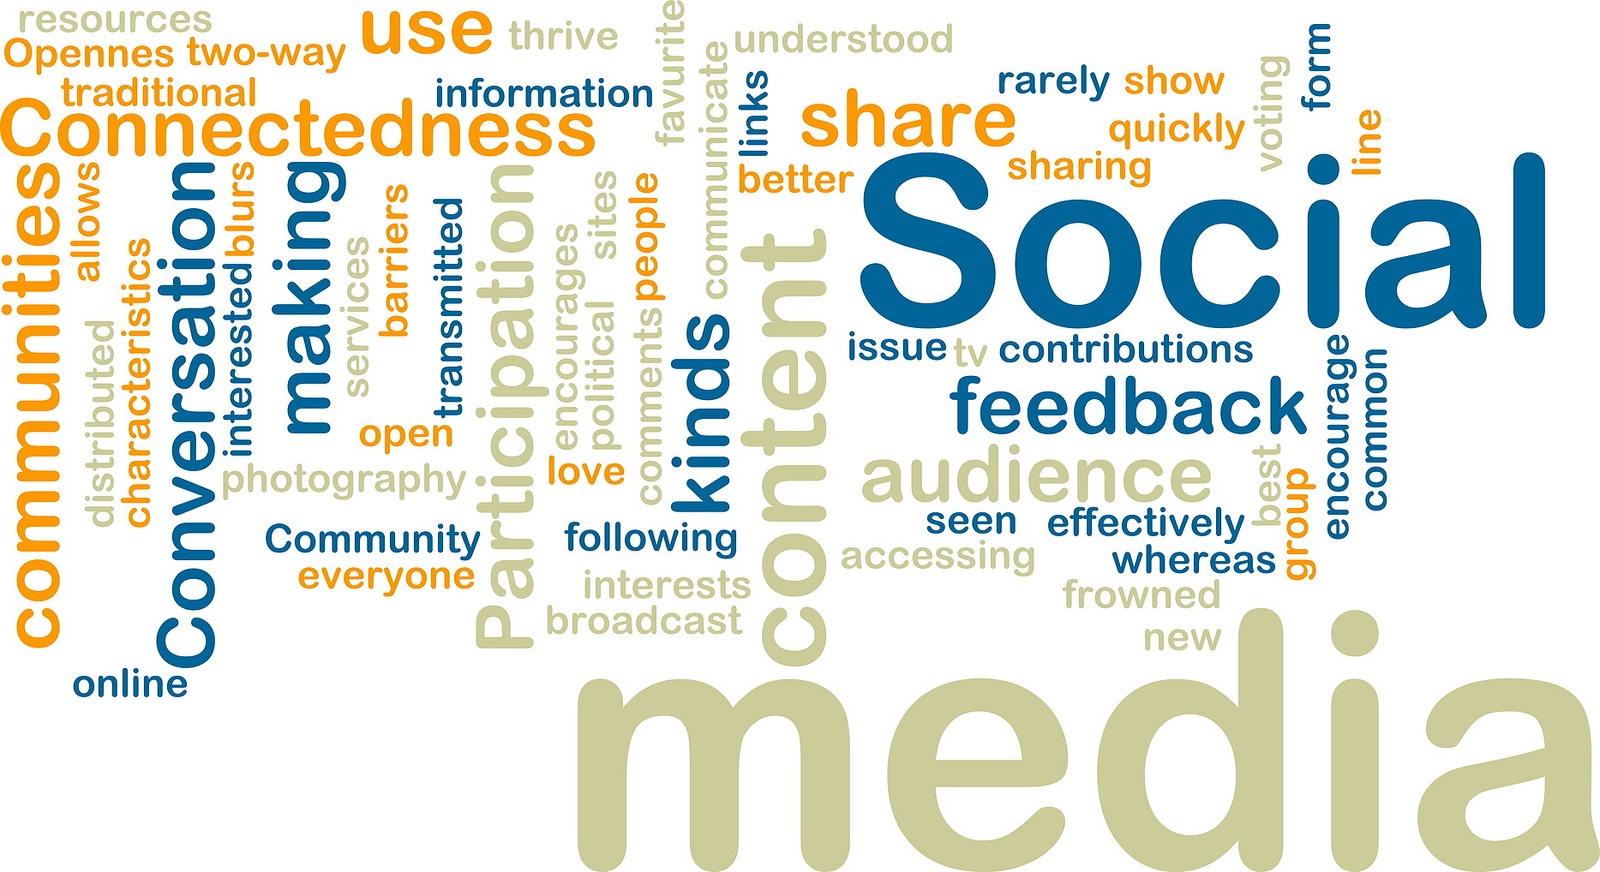 social_media_word_cloud.jpg